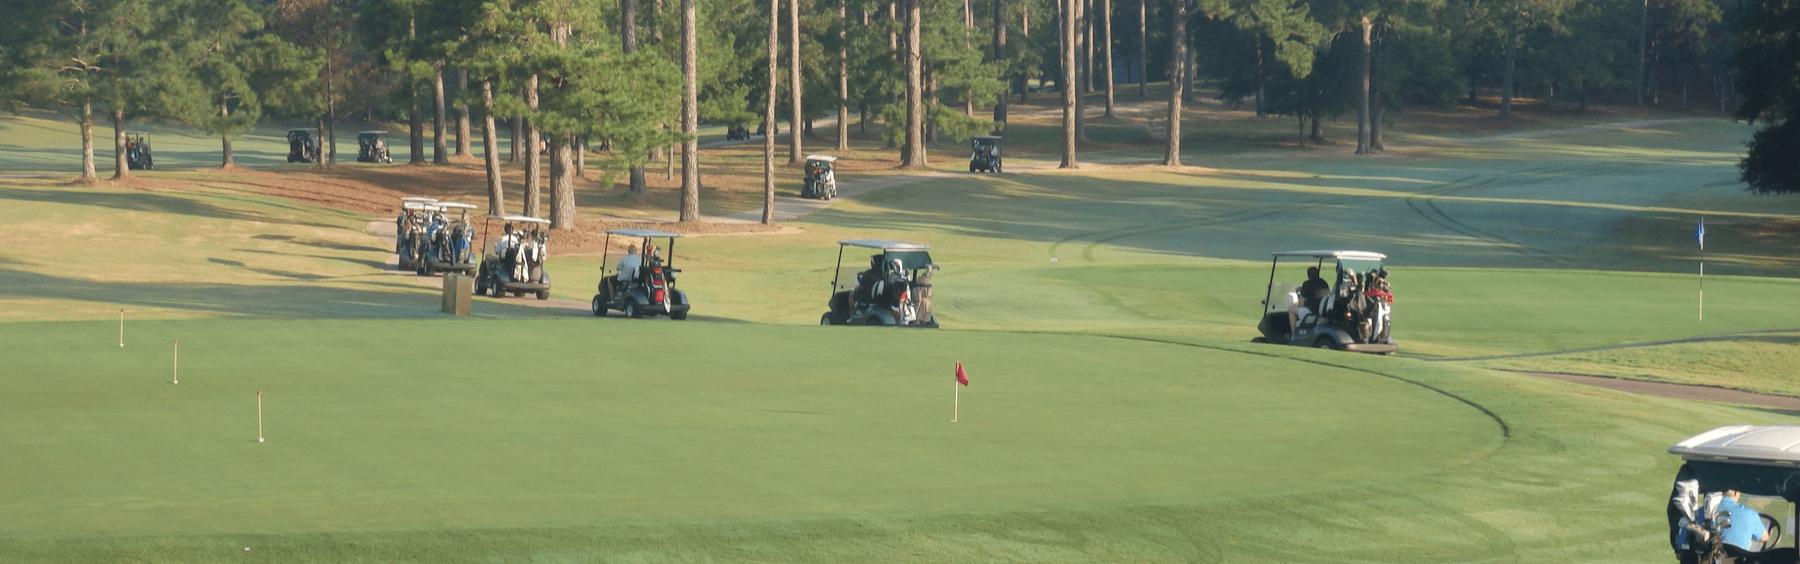 A 30 Year Golf Legacy